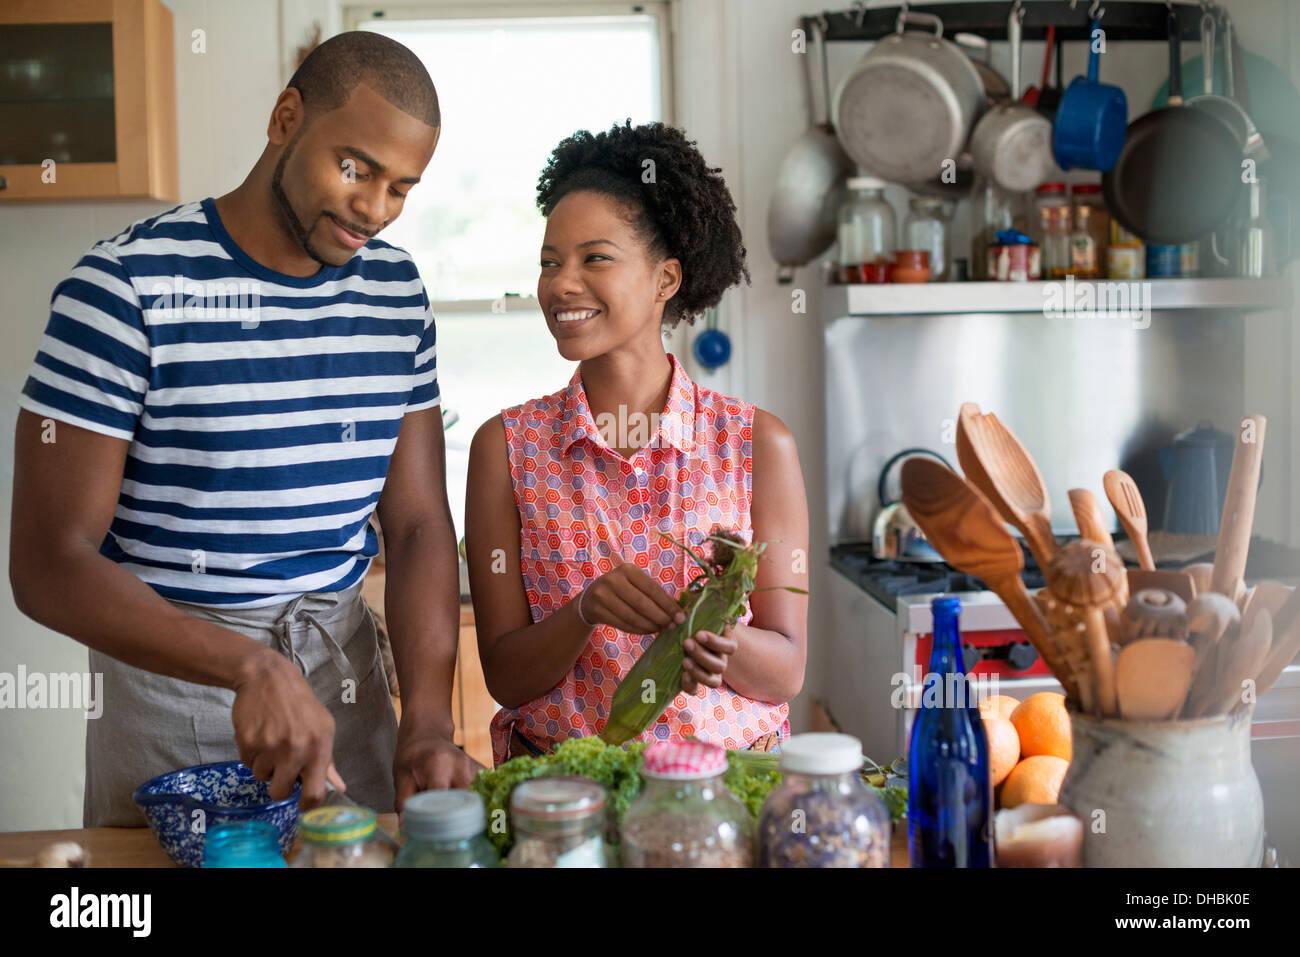 Style de vie. Deux personnes travaillant dans une cuisine de la ferme. Photo Stock